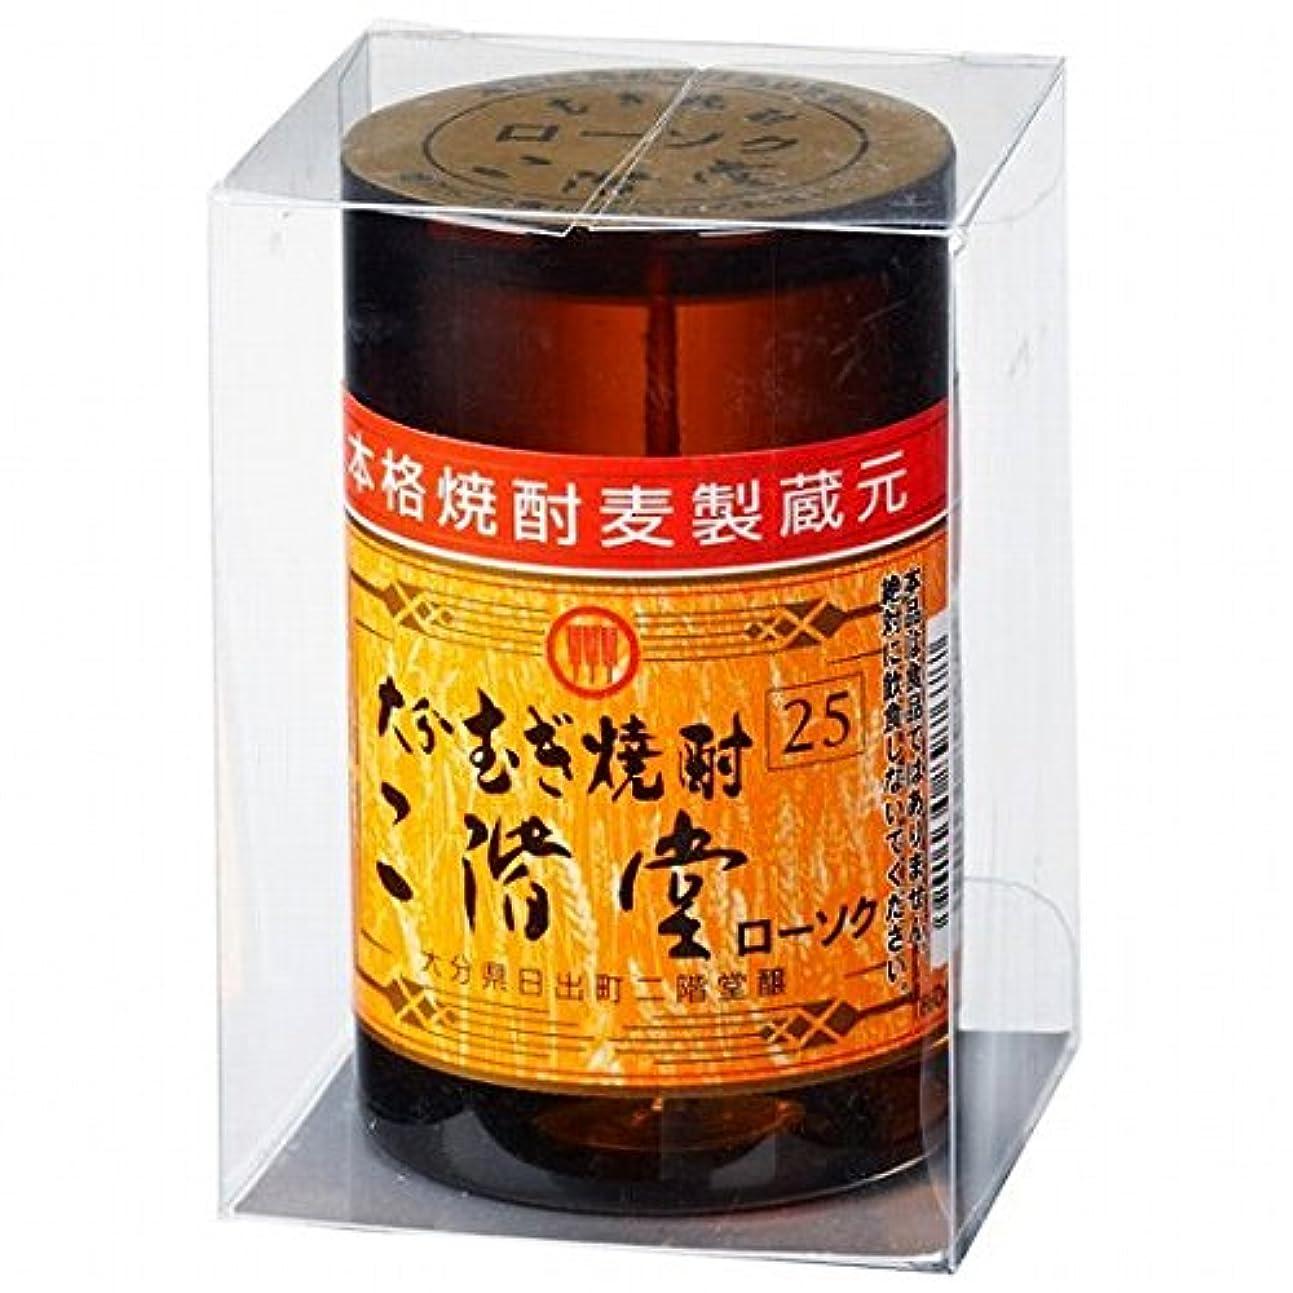 リボン柔らかい足不一致カメヤマキャンドル(kameyama candle) 大分むぎ焼酎 二階堂ローソク キャンドル